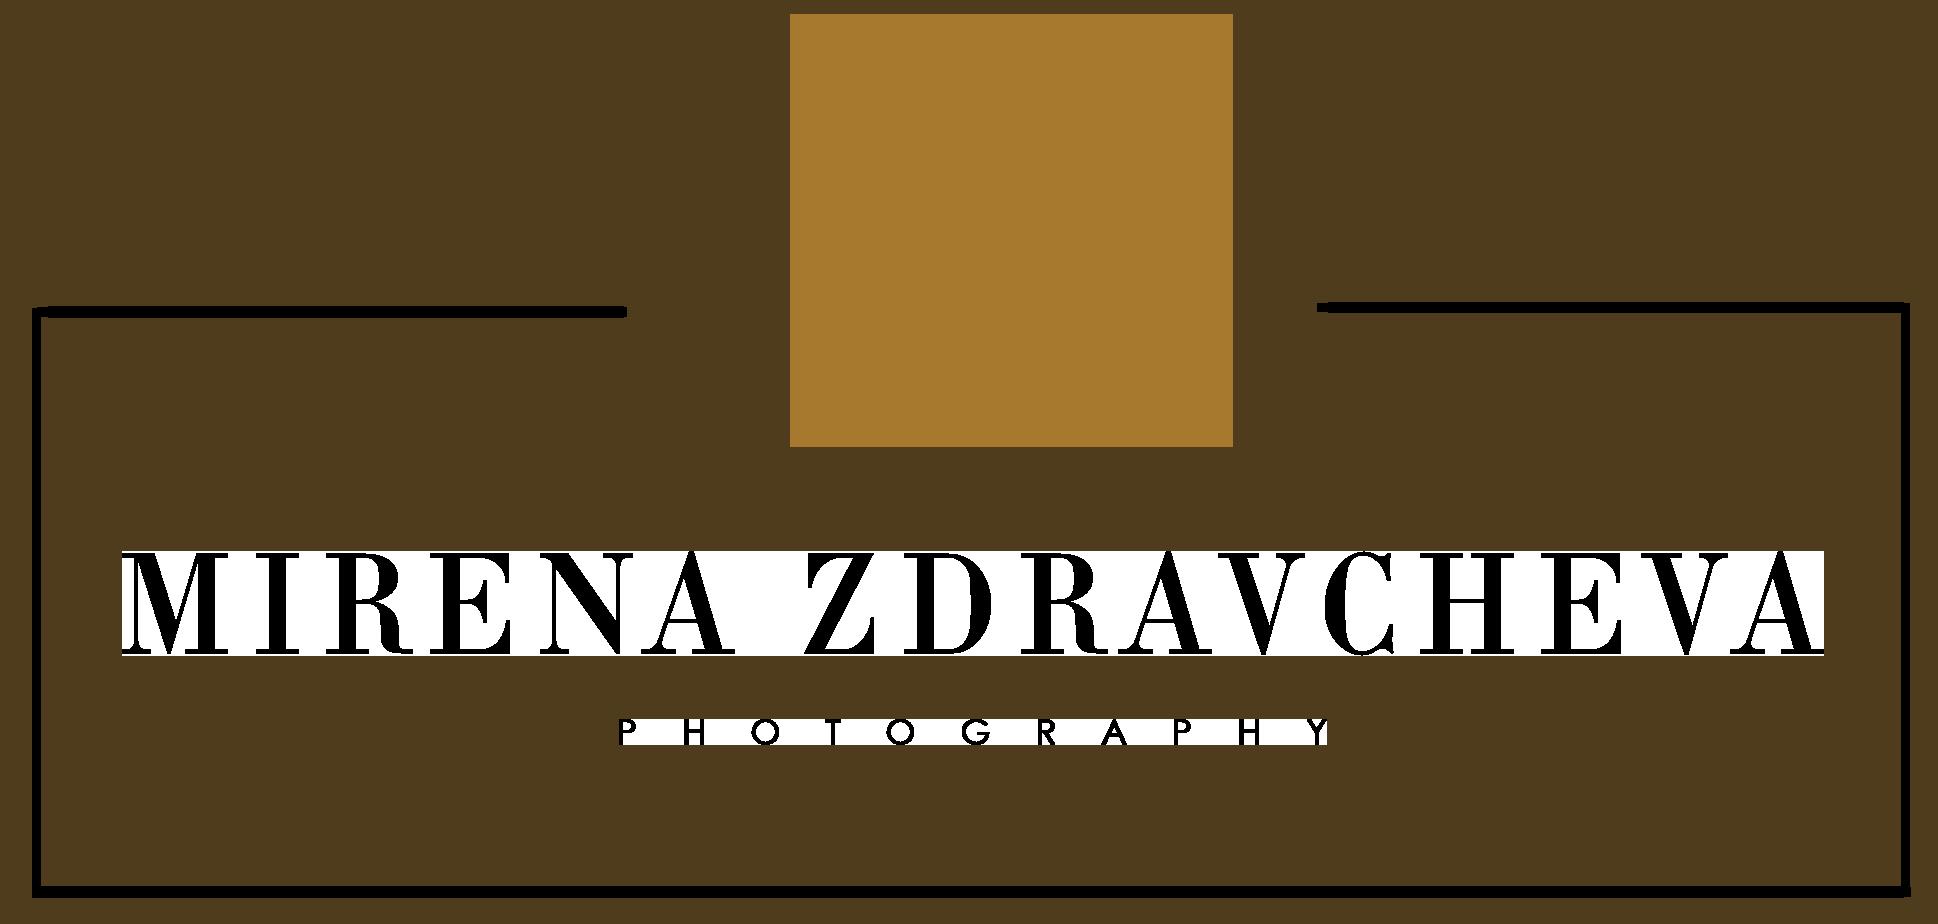 Mirena Zdravcheva Photography Logo